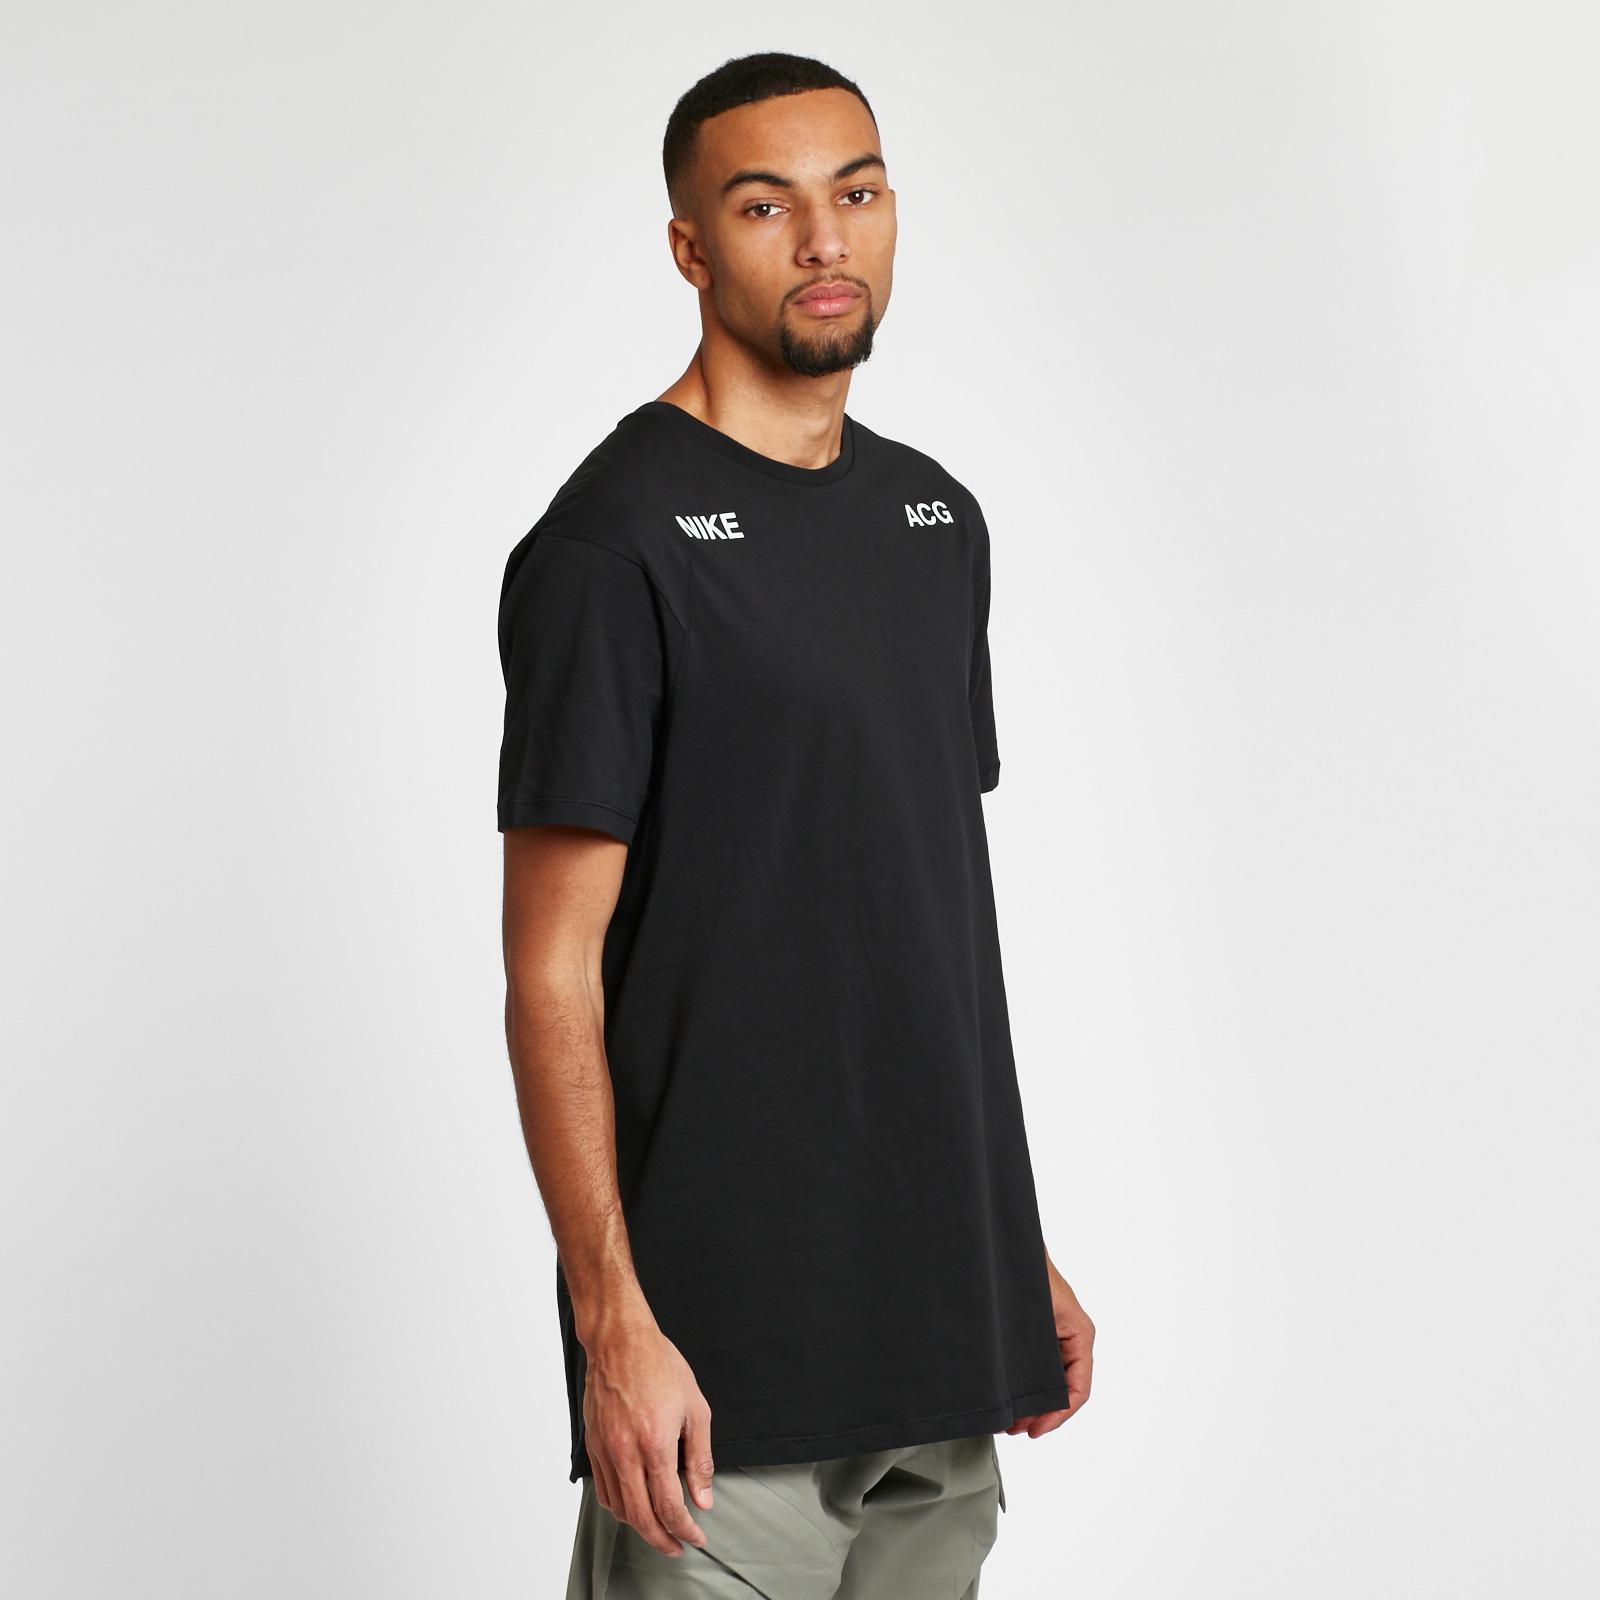 8f0c80d6 Nike M ACG Tee Shirt - 918906-010 - Sneakersnstuff | sneakers & streetwear  online since 1999